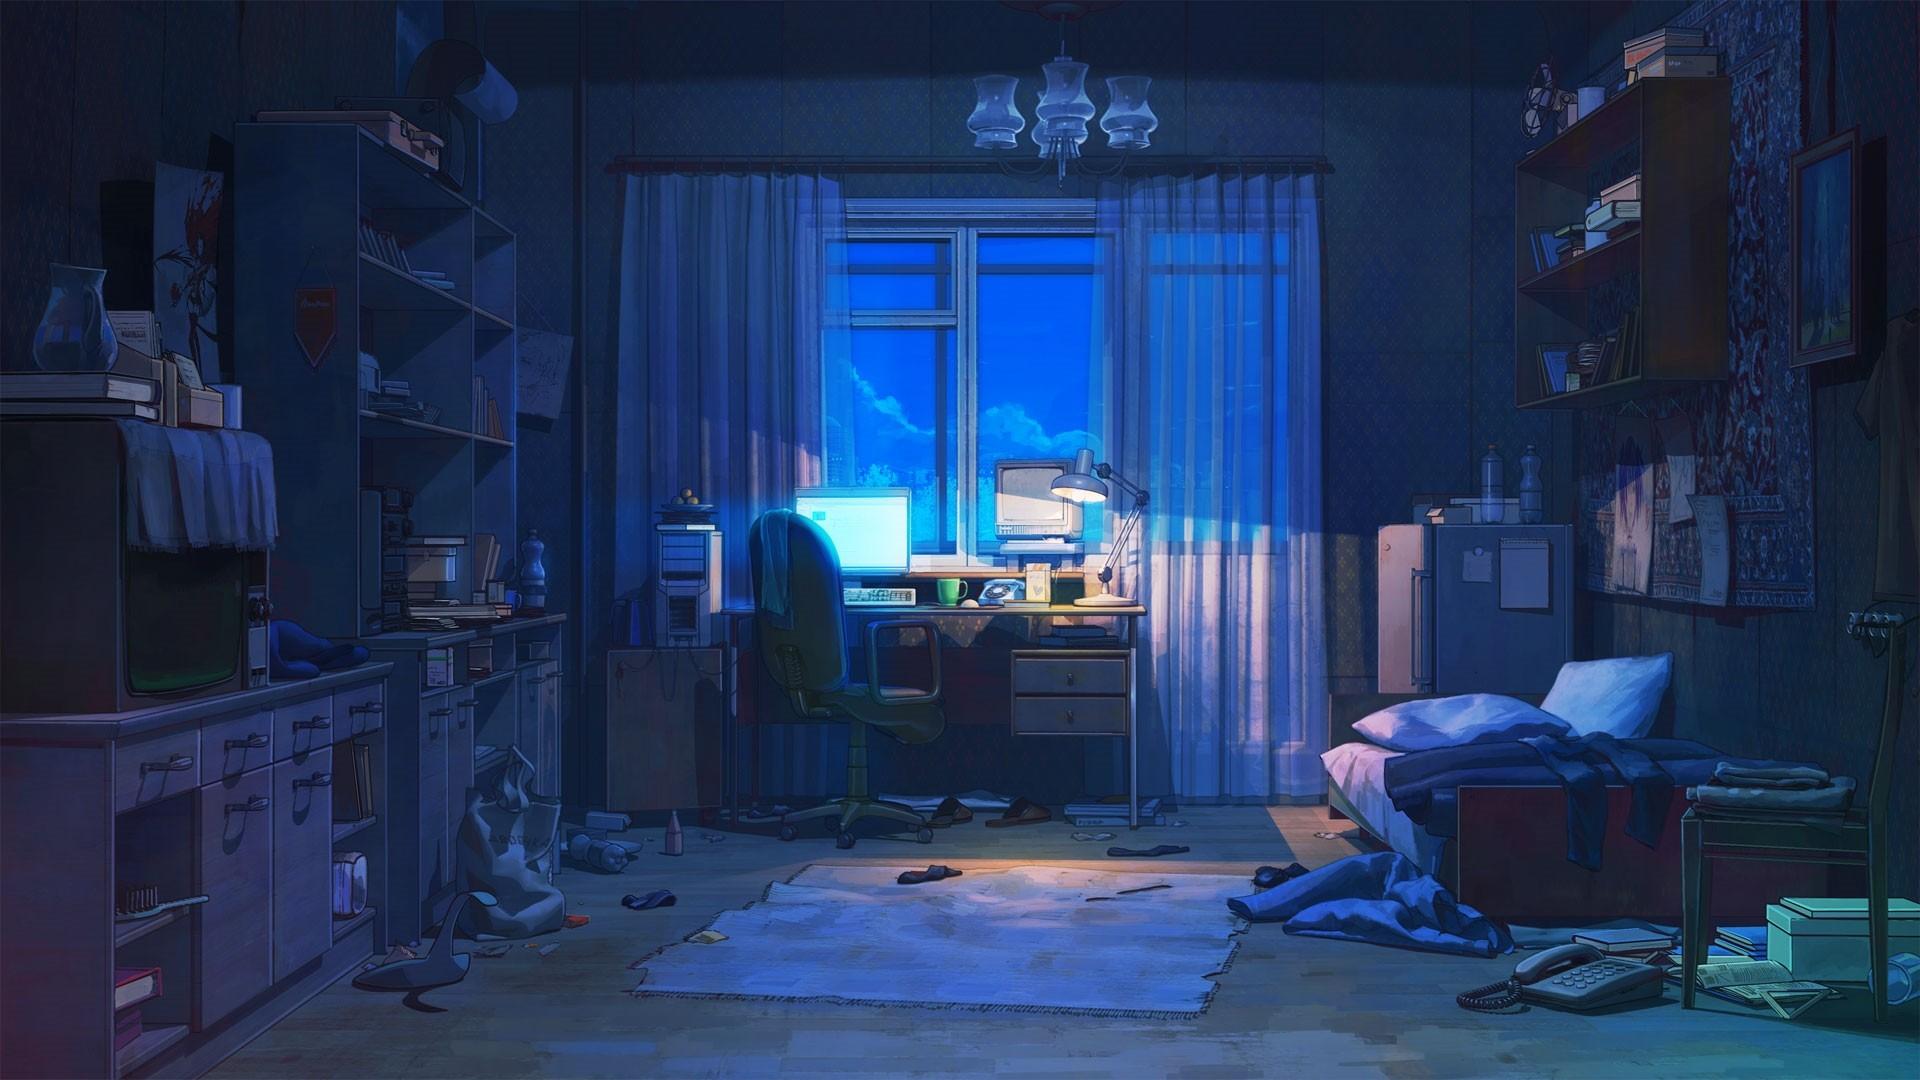 Anime Bedroom hd wallpaper download